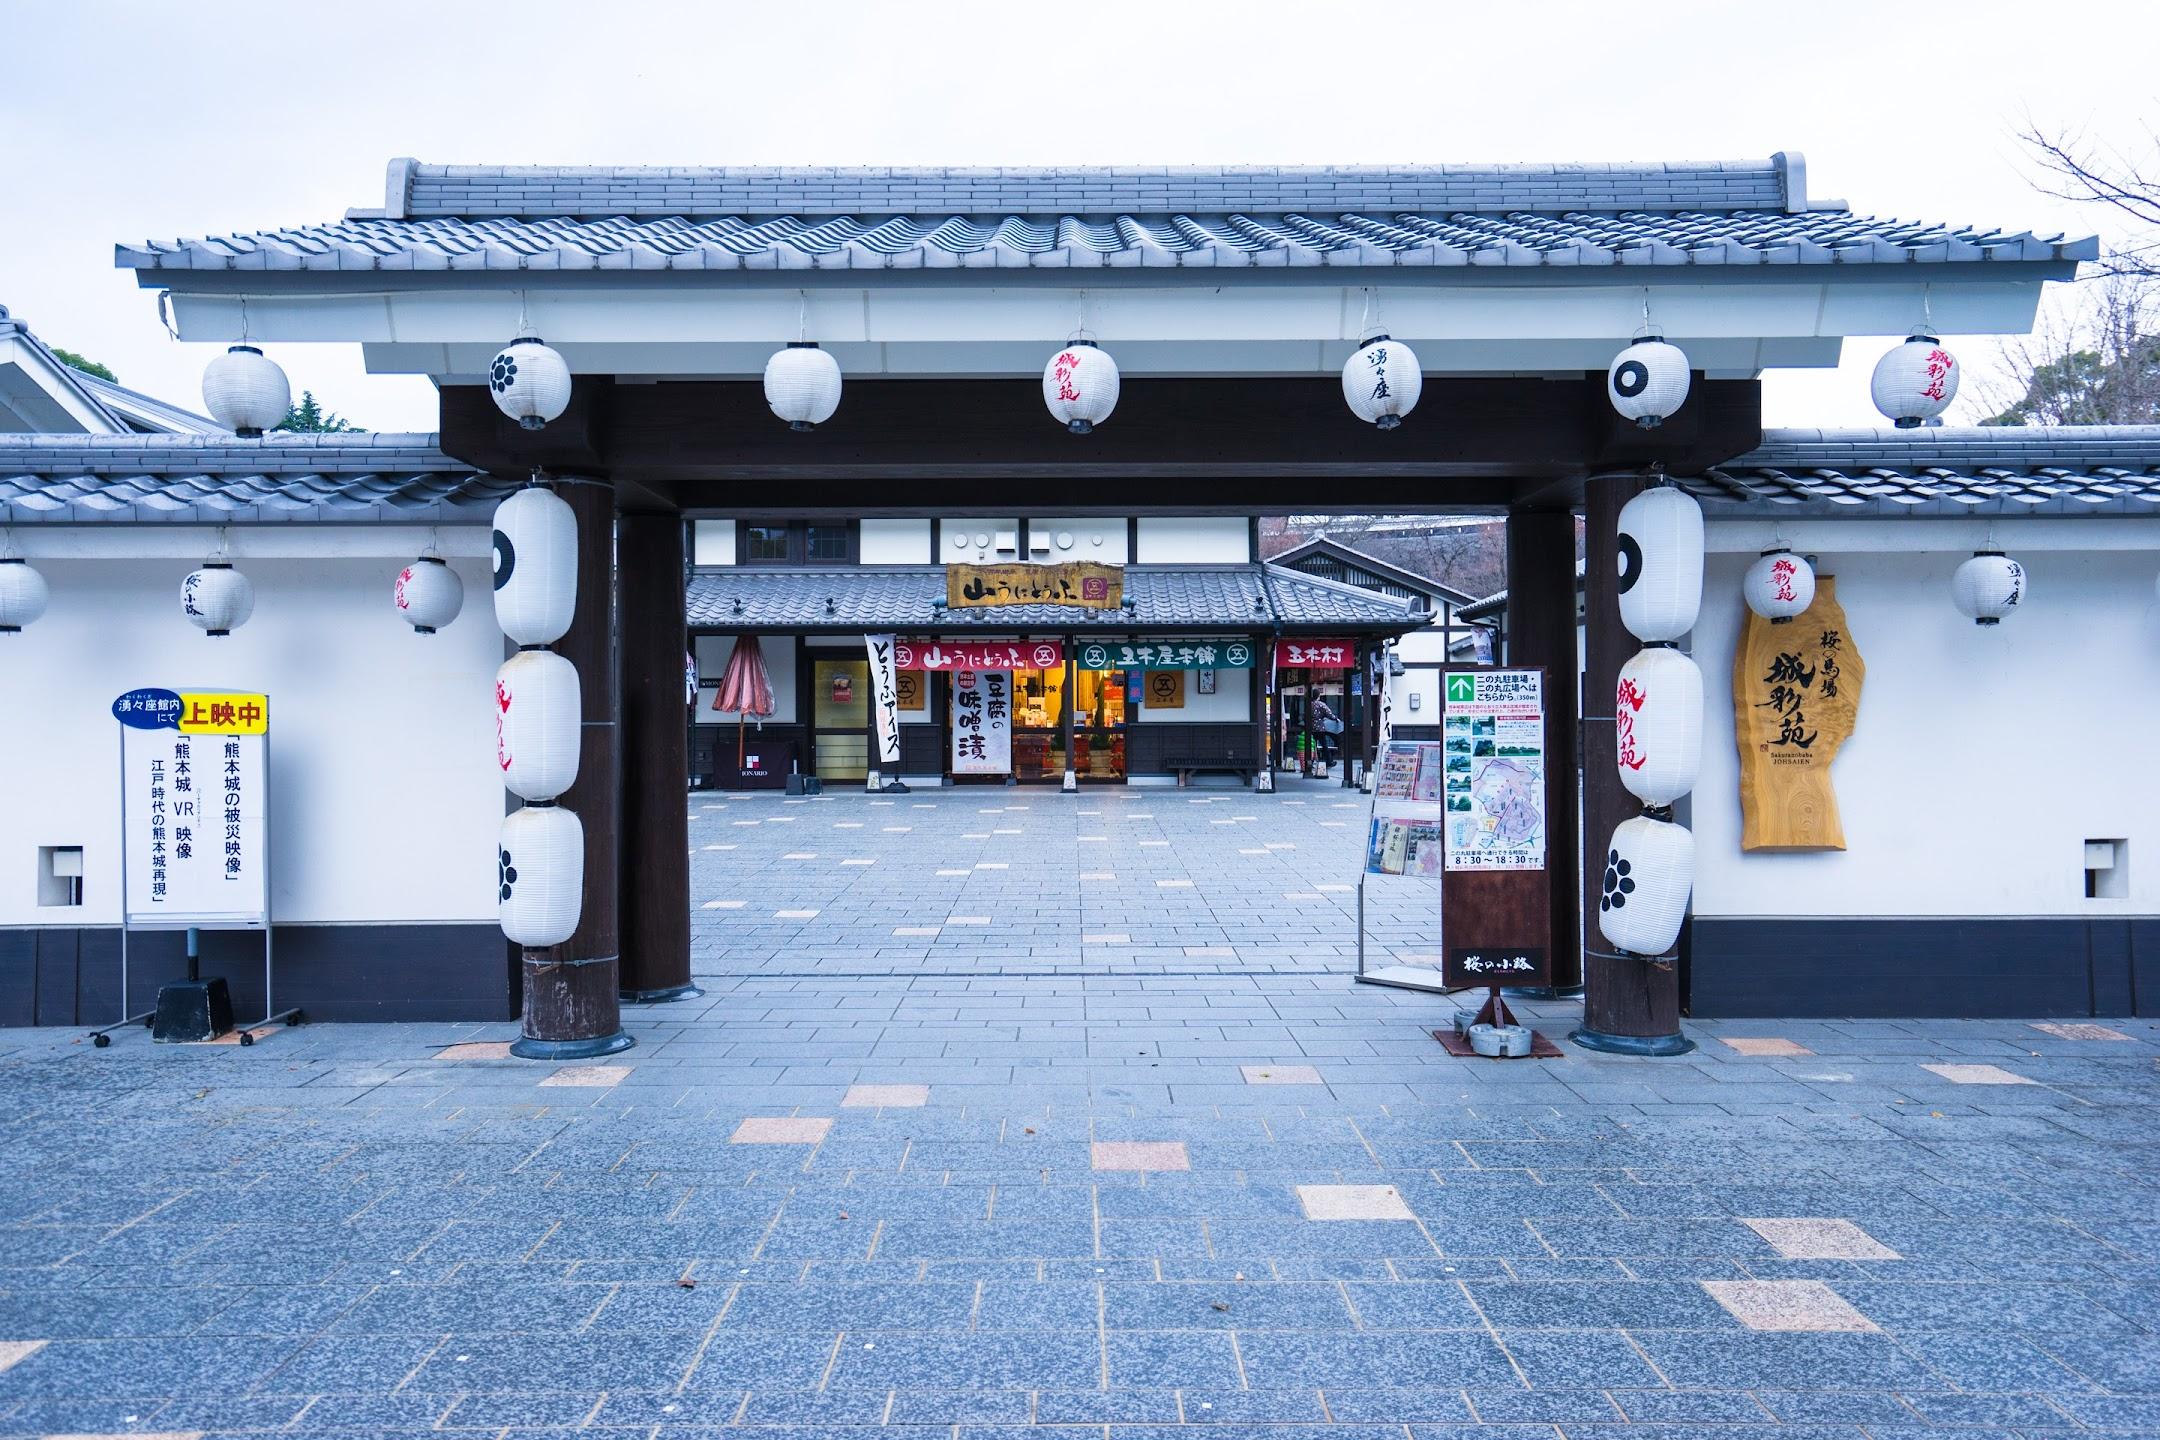 熊本城 桜の馬場 城彩苑2